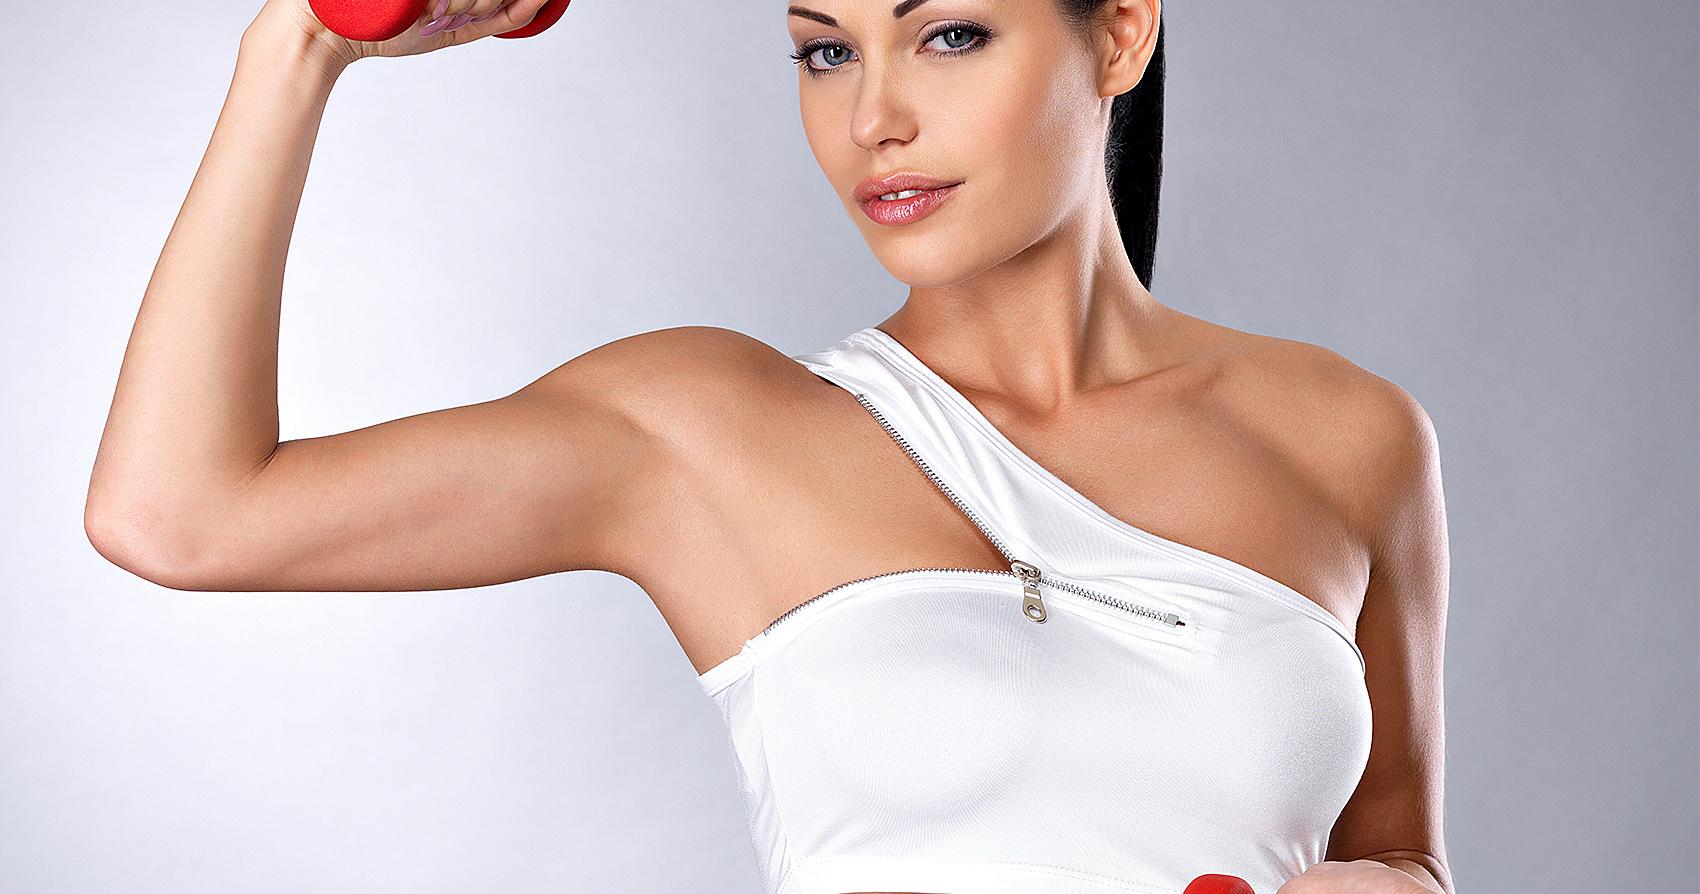 Фитнес инструктор татьяна большие сиськи 22 фотография